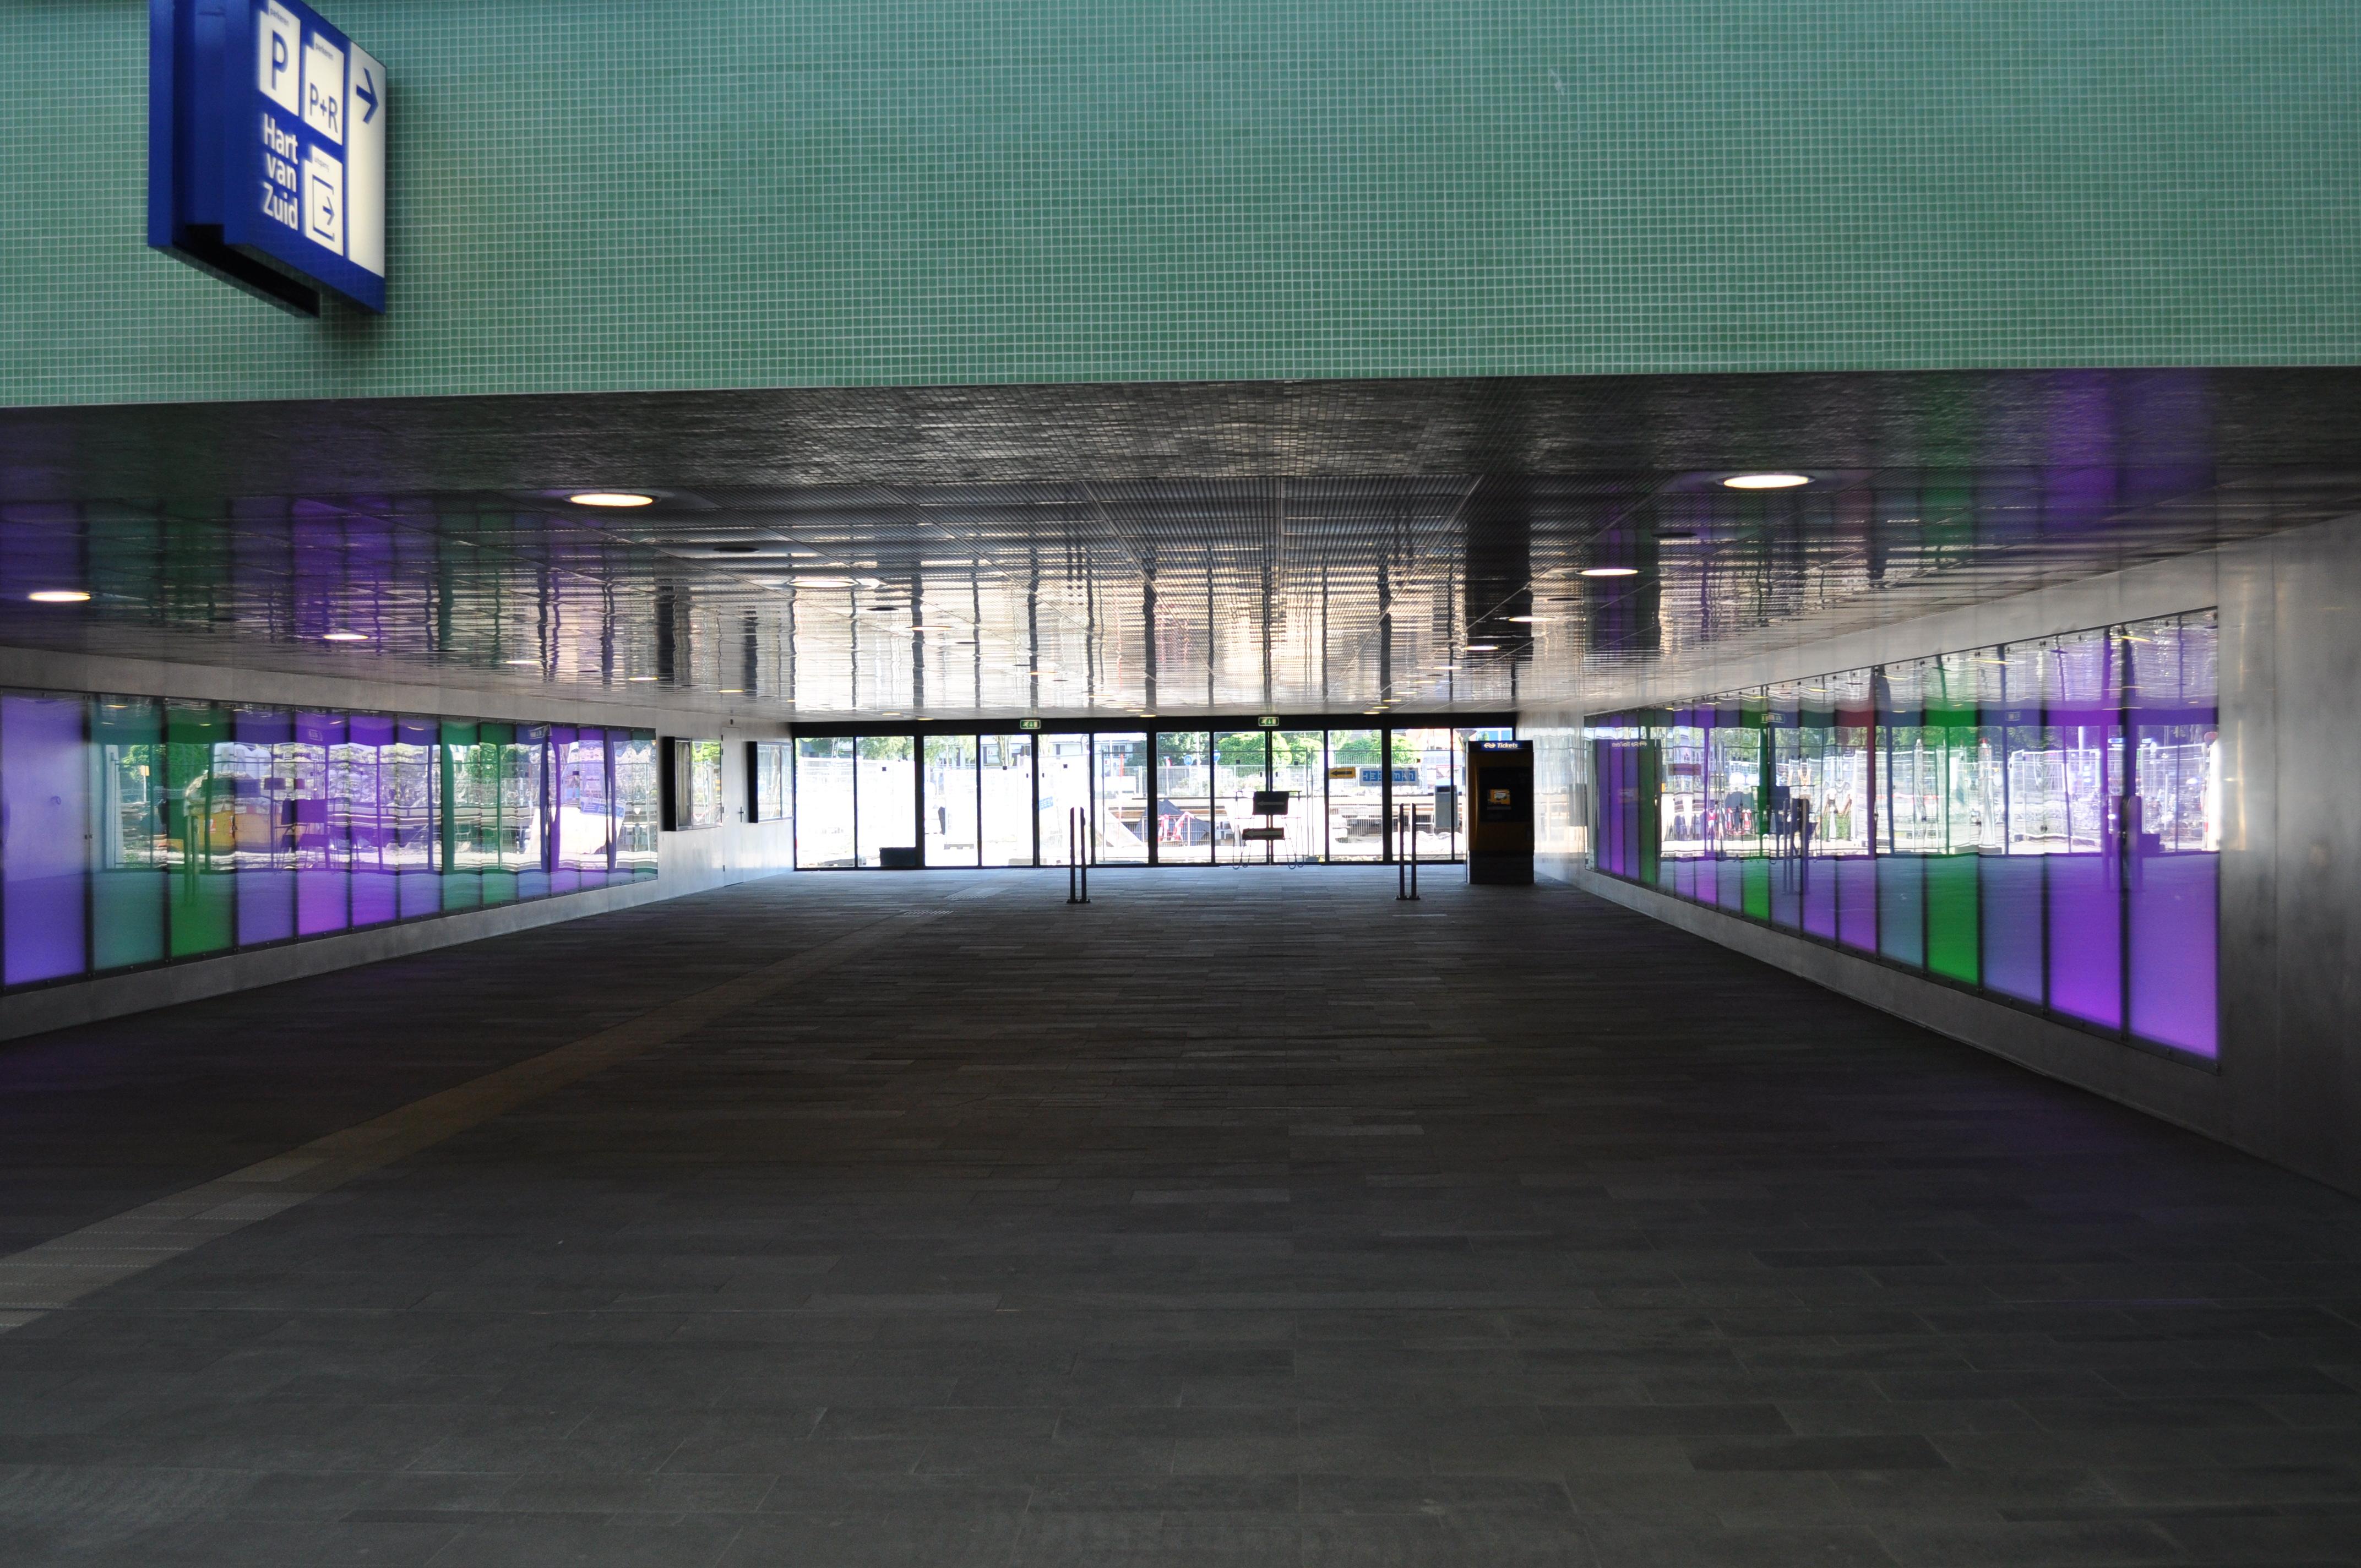 File:Stationstunnel Hengelo.JPG - Wikimedia Commons